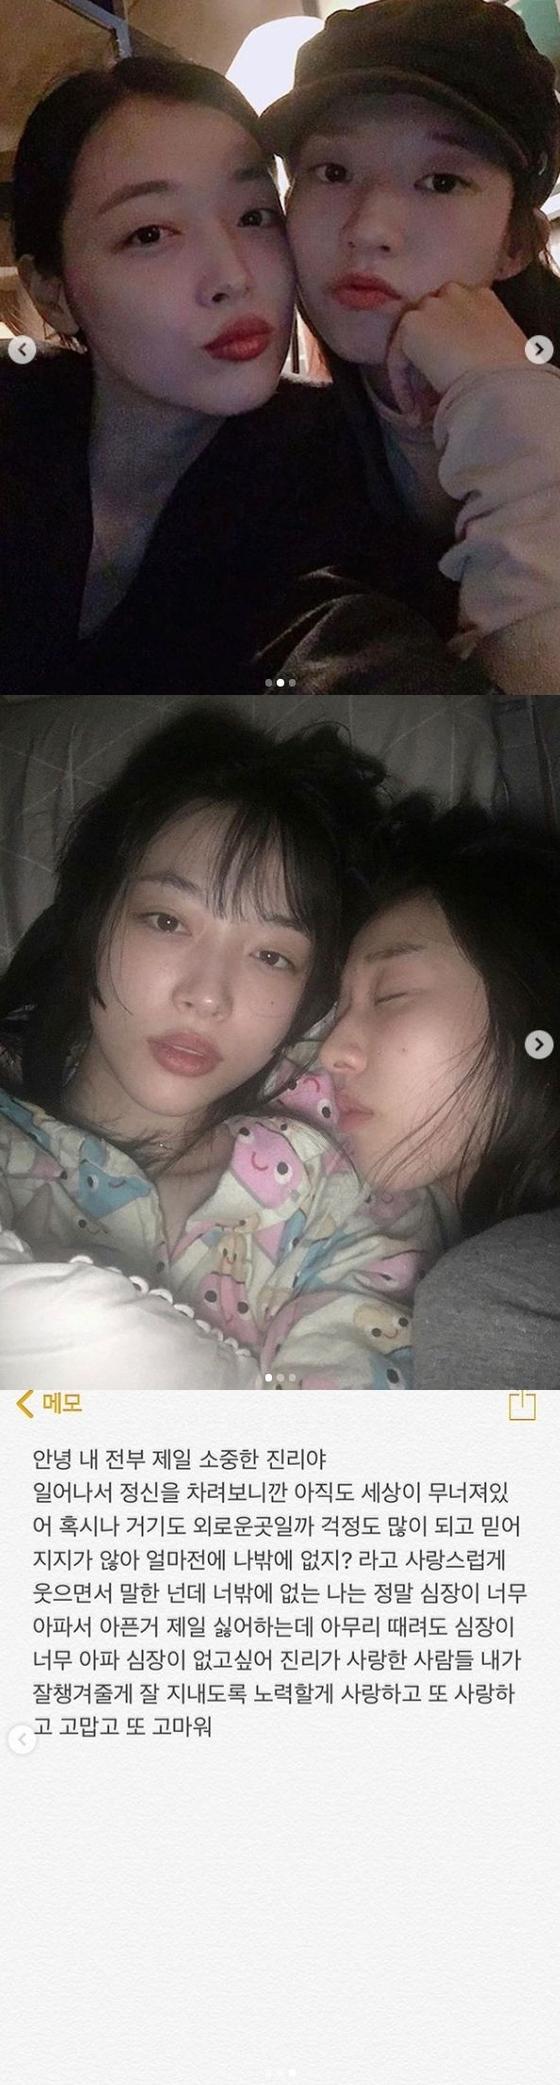 """김선아, 설리에 """"내 전부 제일 소중한 진리…사랑하고 고마워"""""""